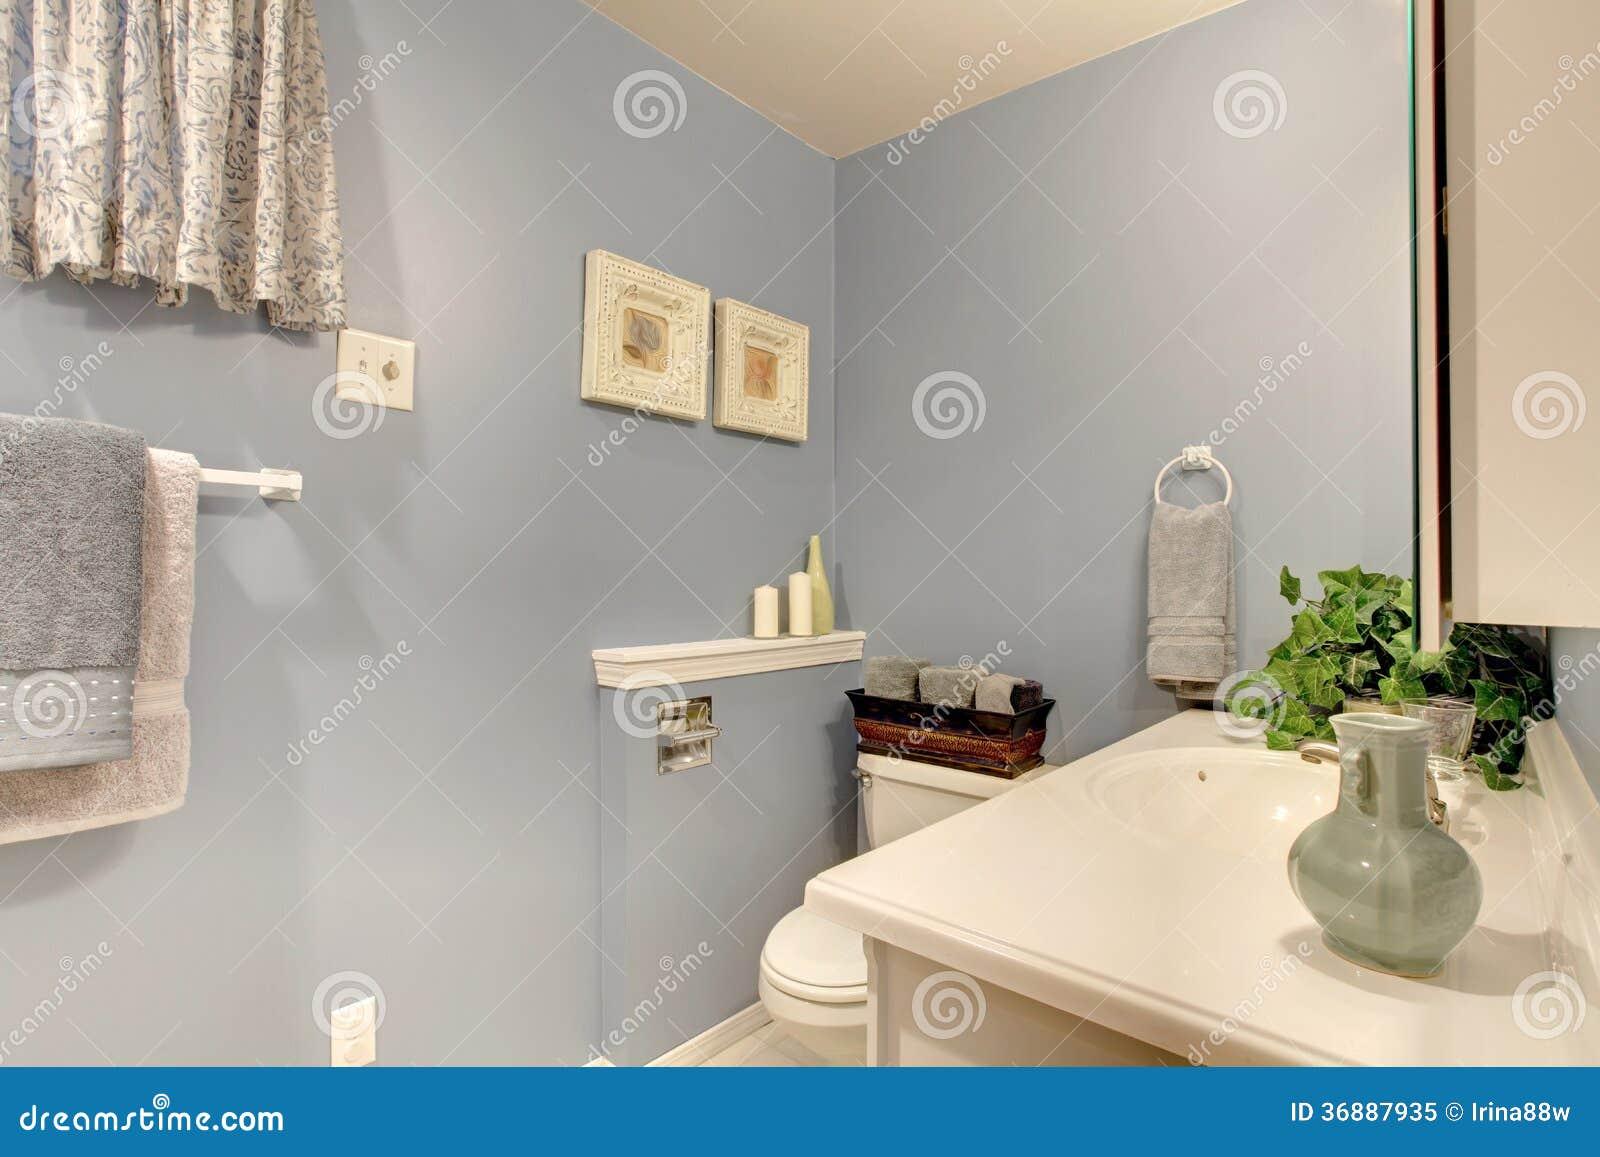 Ideia Do Projeto Simples Para O Banheiro Foto de Stock Royalty Free  Imagem -> Projeto Banheiro Simples